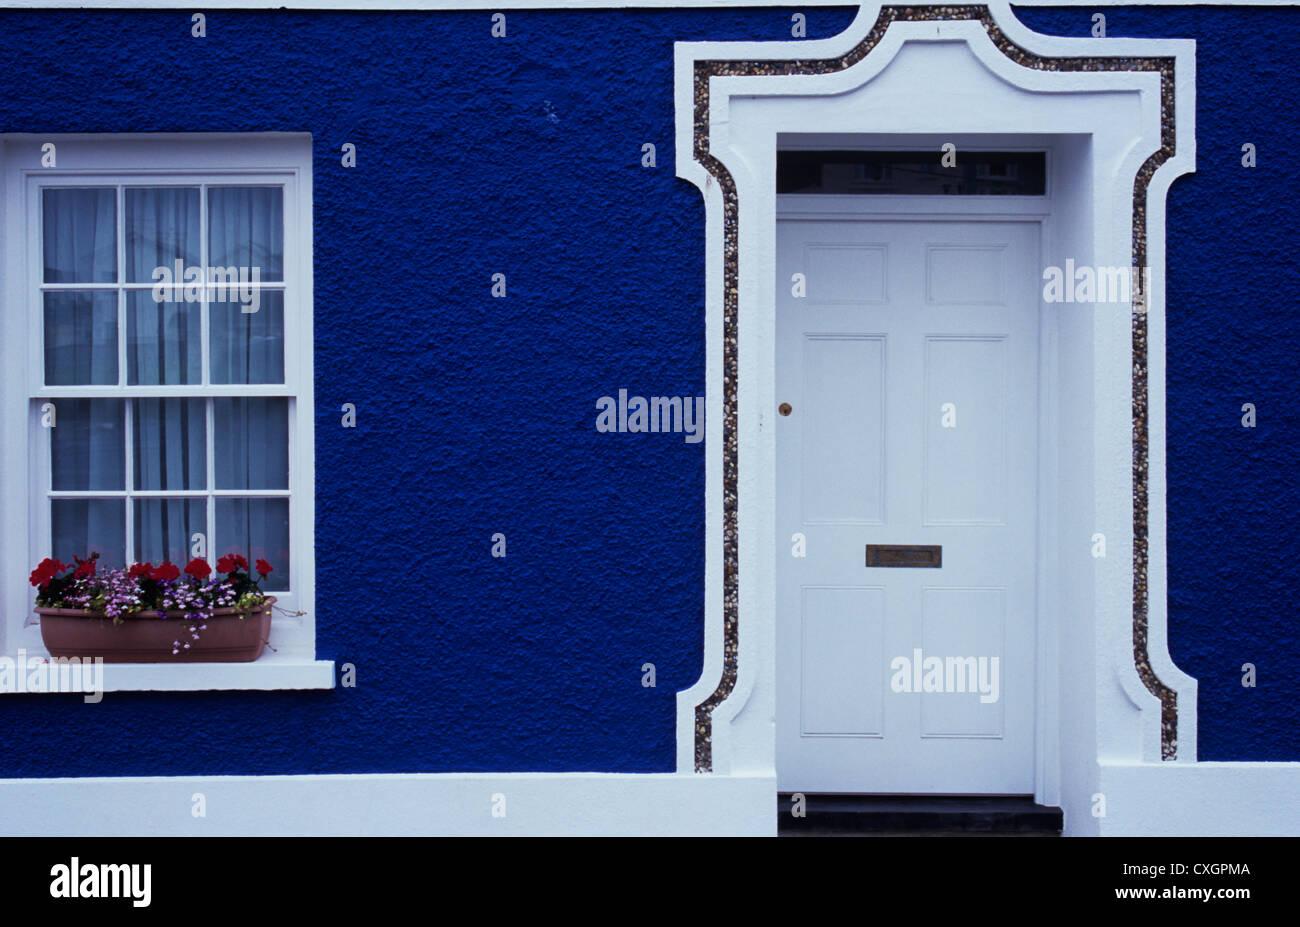 Detalle De Casa Con Paredes Pintadas De Azul Oscuro Y Elegante - Paredes-pintadas-de-azul